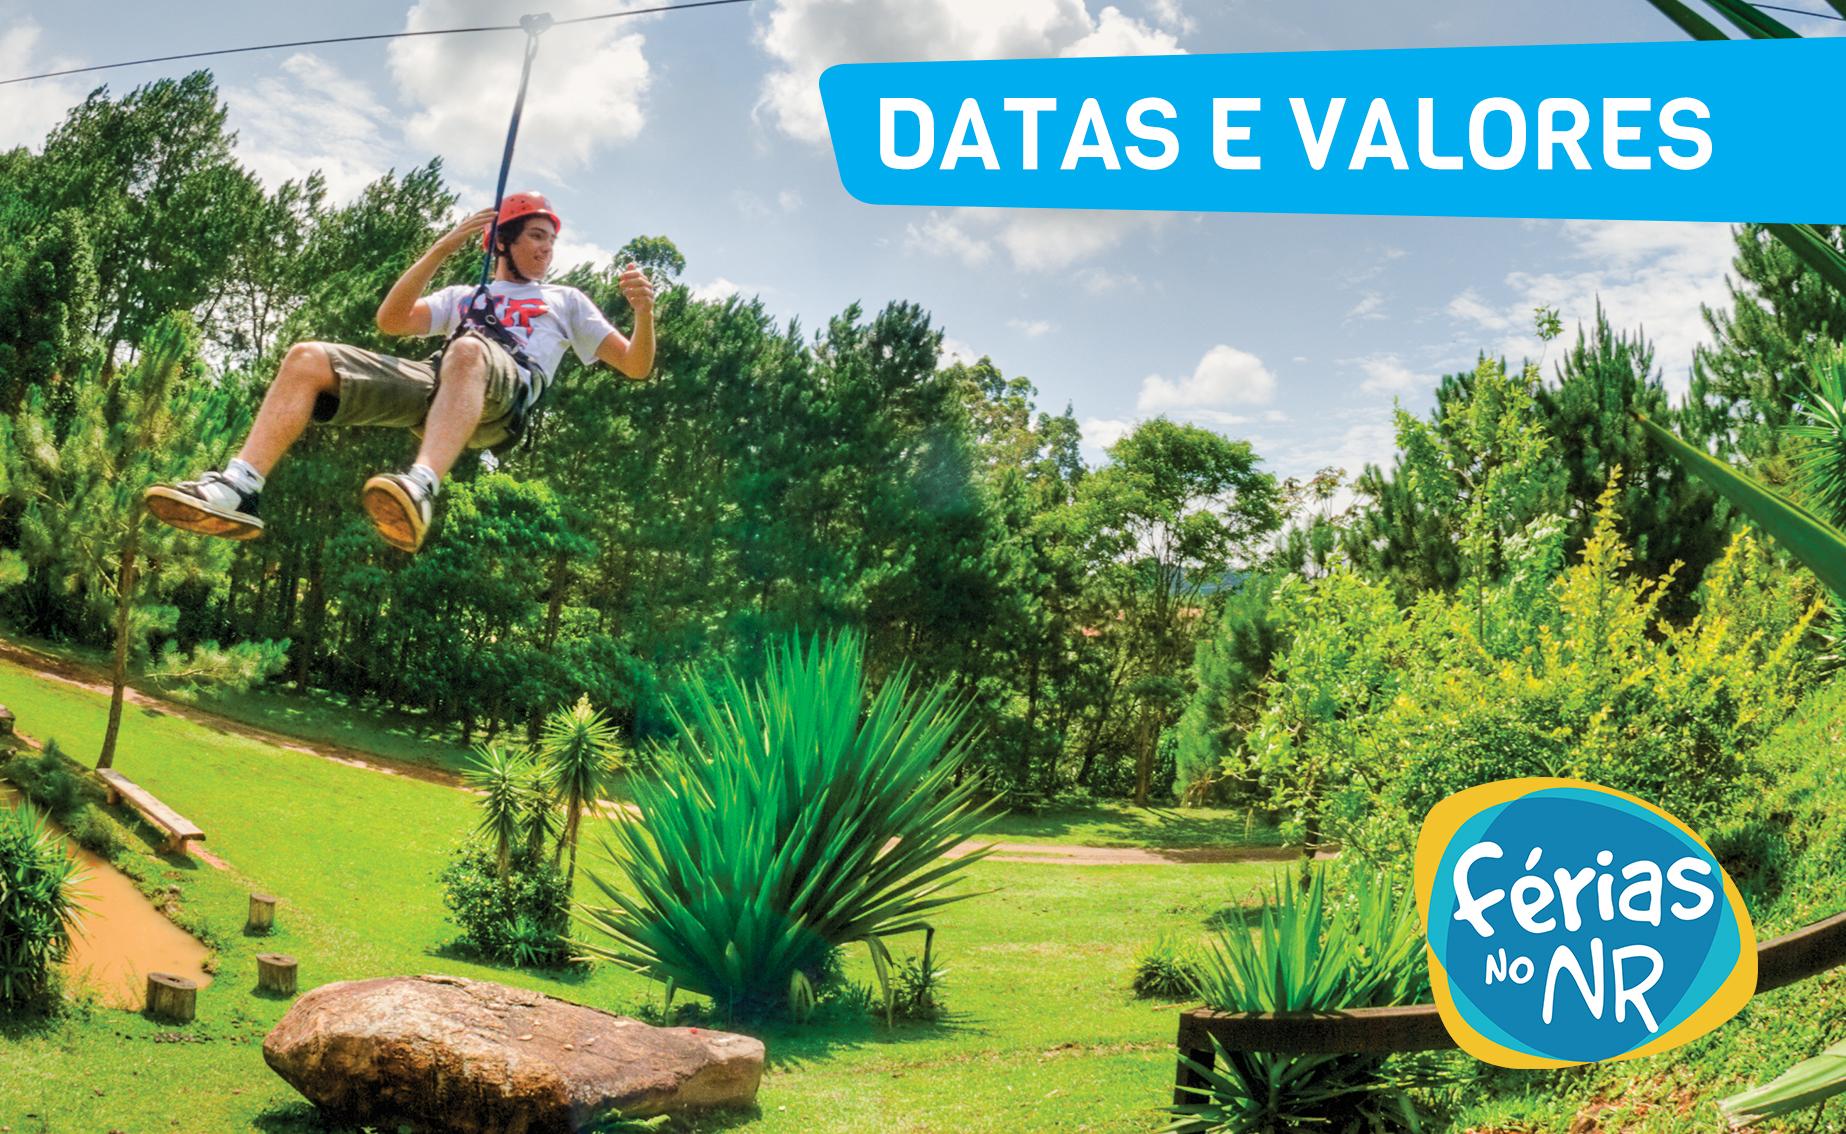 ferias_datas_valores